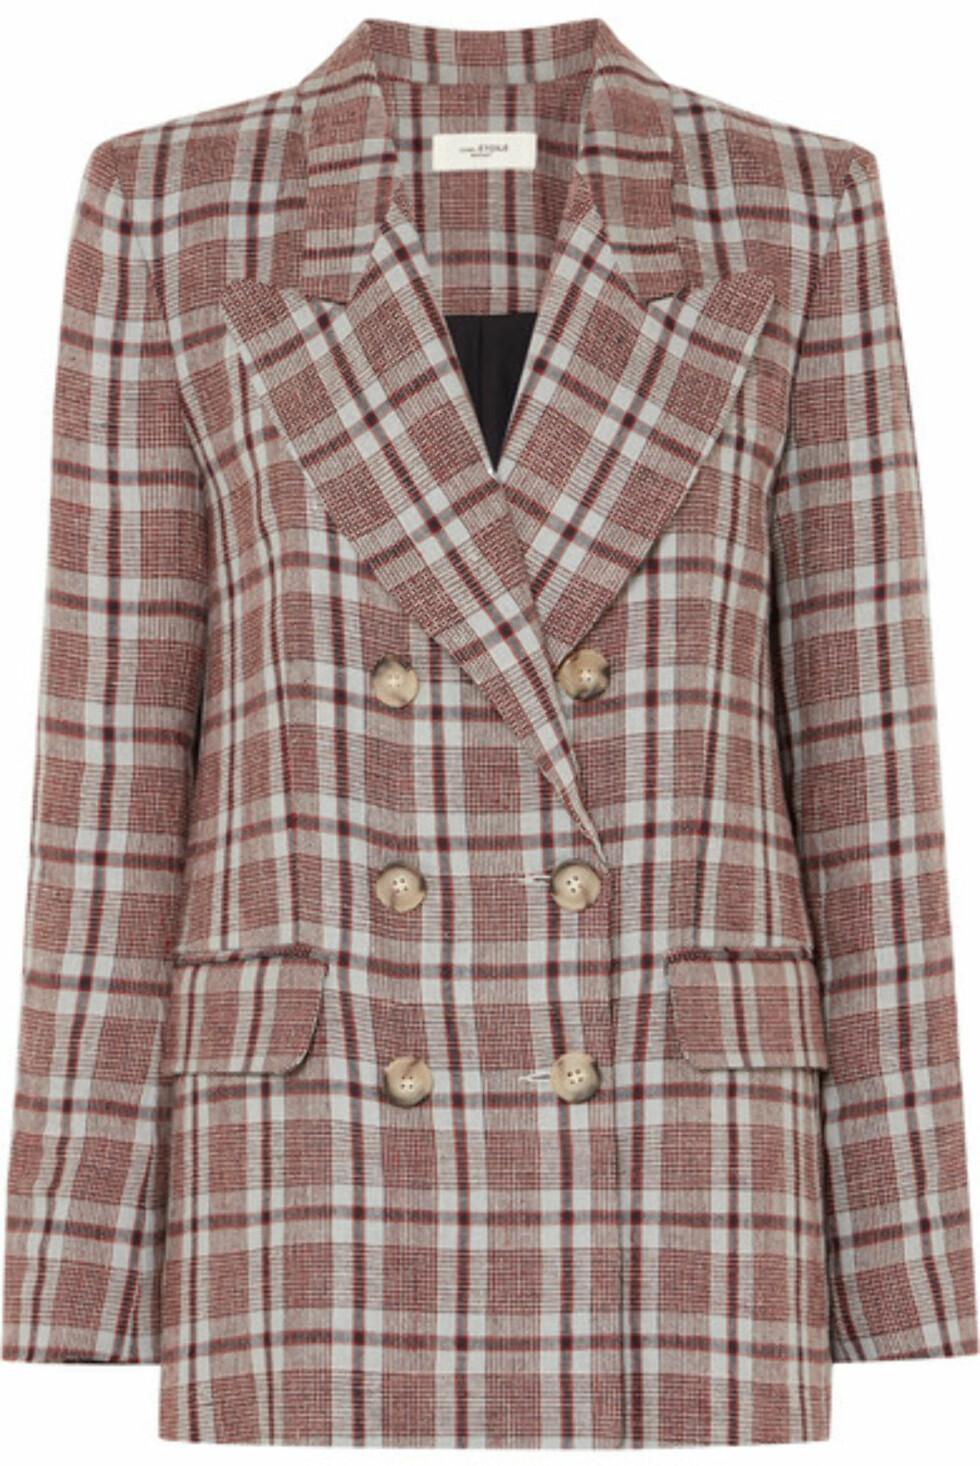 Blazer fra Isabel Marant Etoile |2900,-| https://www.net-a-porter.com/no/en/product/987925/isabel_marant_etoile/ianey-checked-linen-blazer